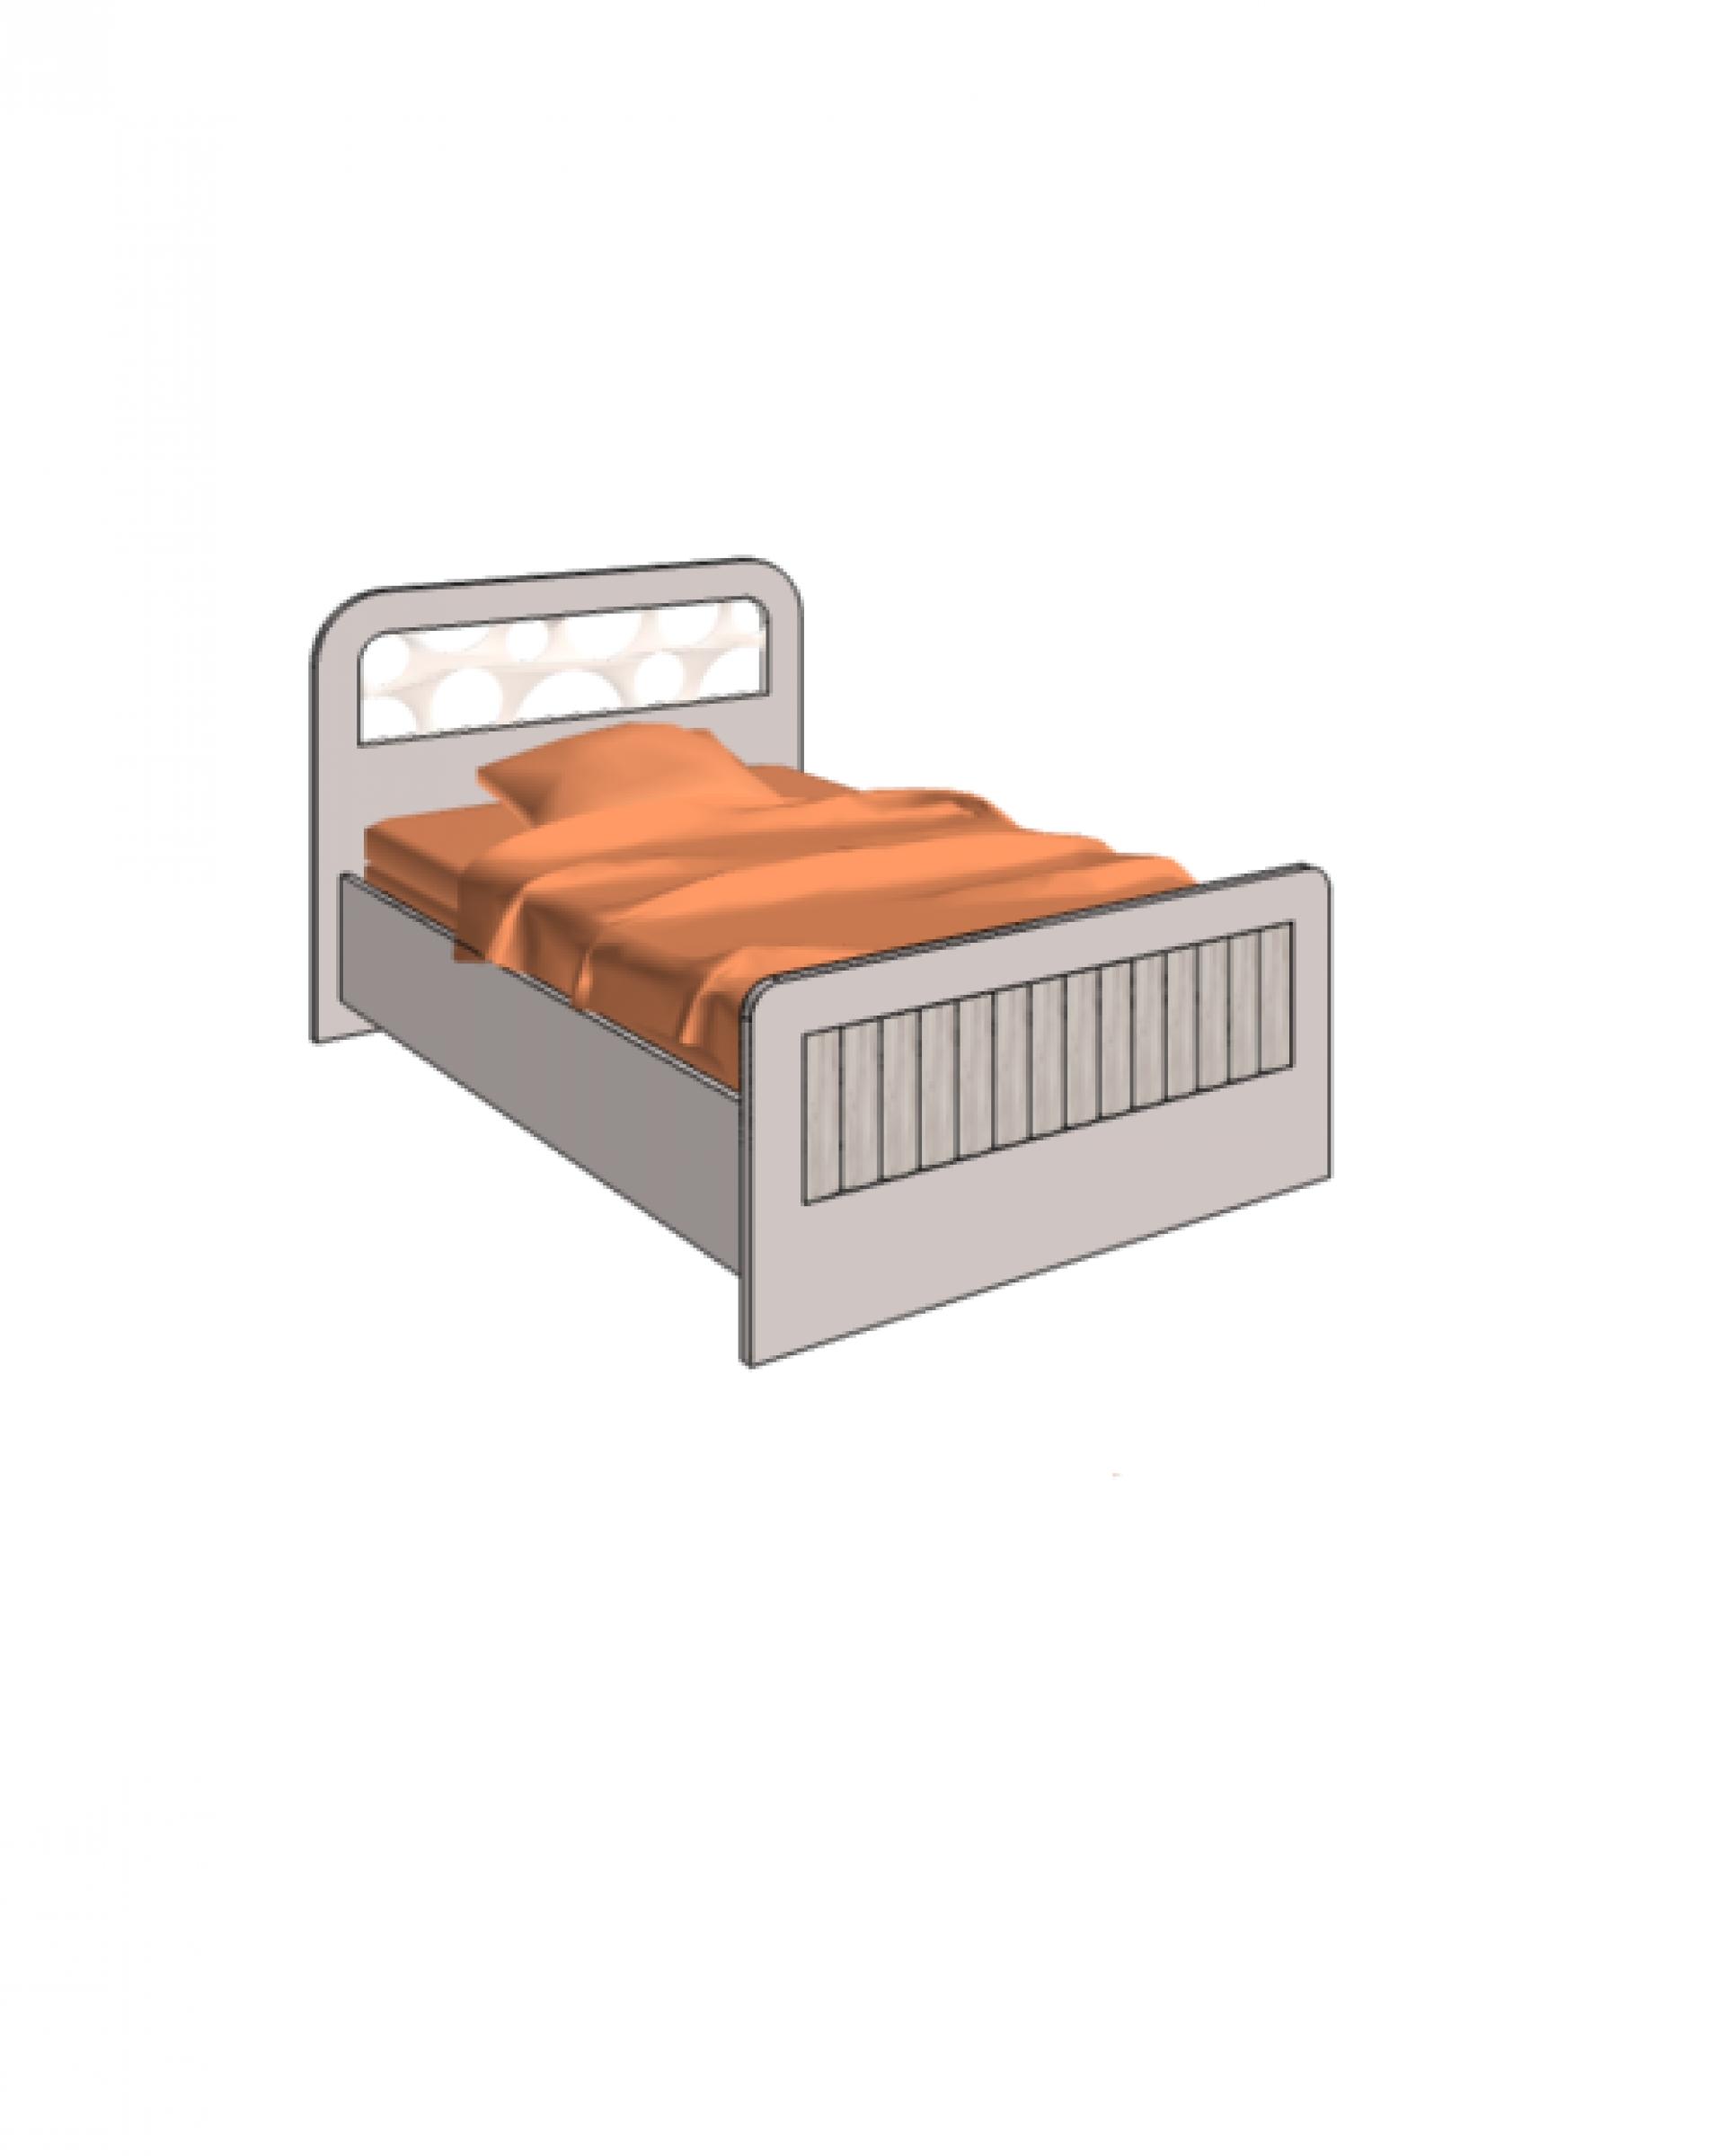 Klюkva кровать отдельностоящая с коробами и подъемным механизмом. арт: VB2_12